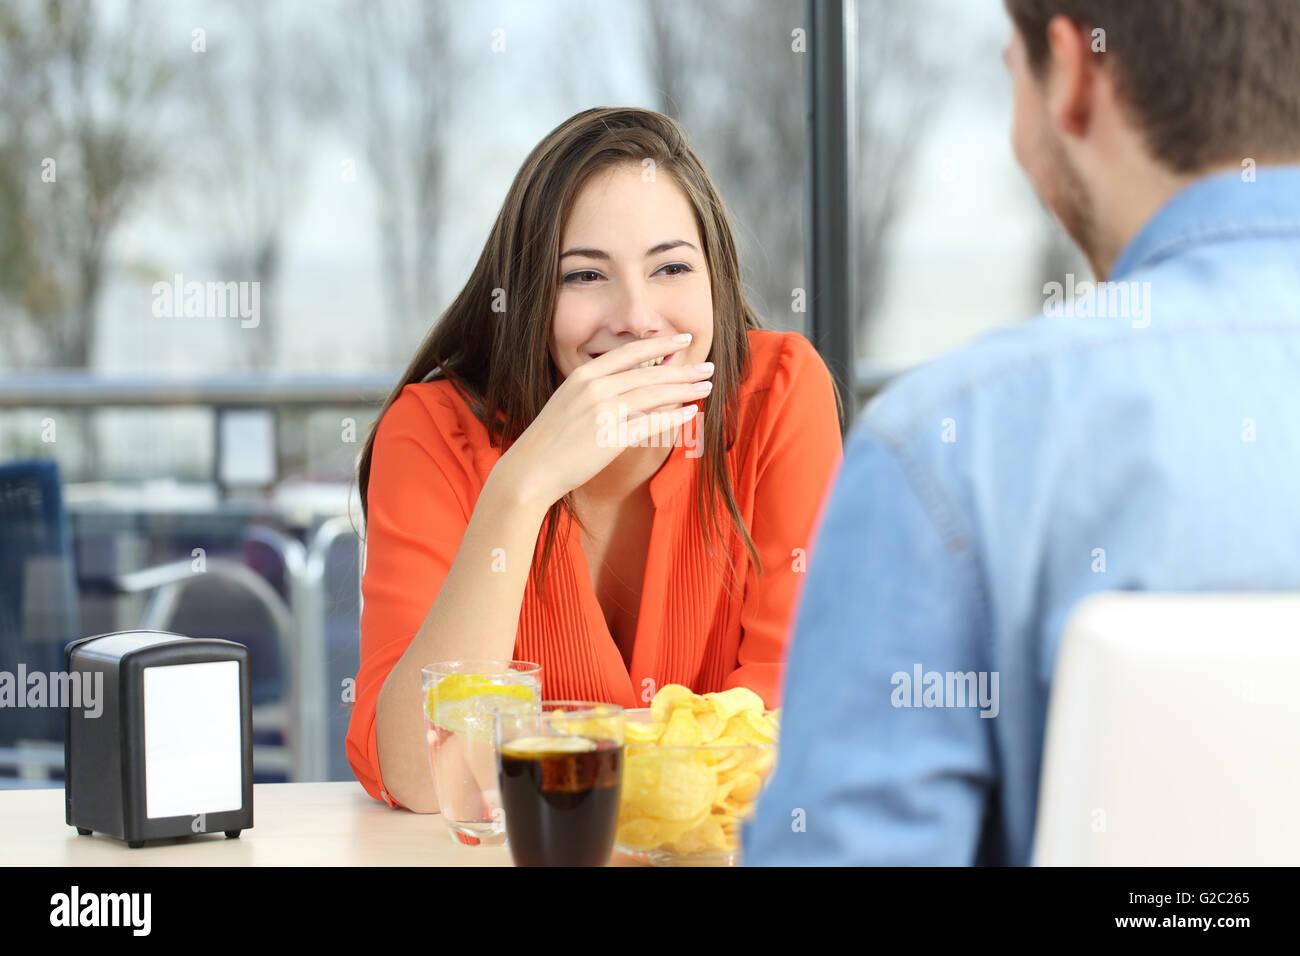 Mujer cubriendo su boca para ocultar la sonrisa o mal aliento durante una fecha en una cafetería con una ventana Imagen De Stock